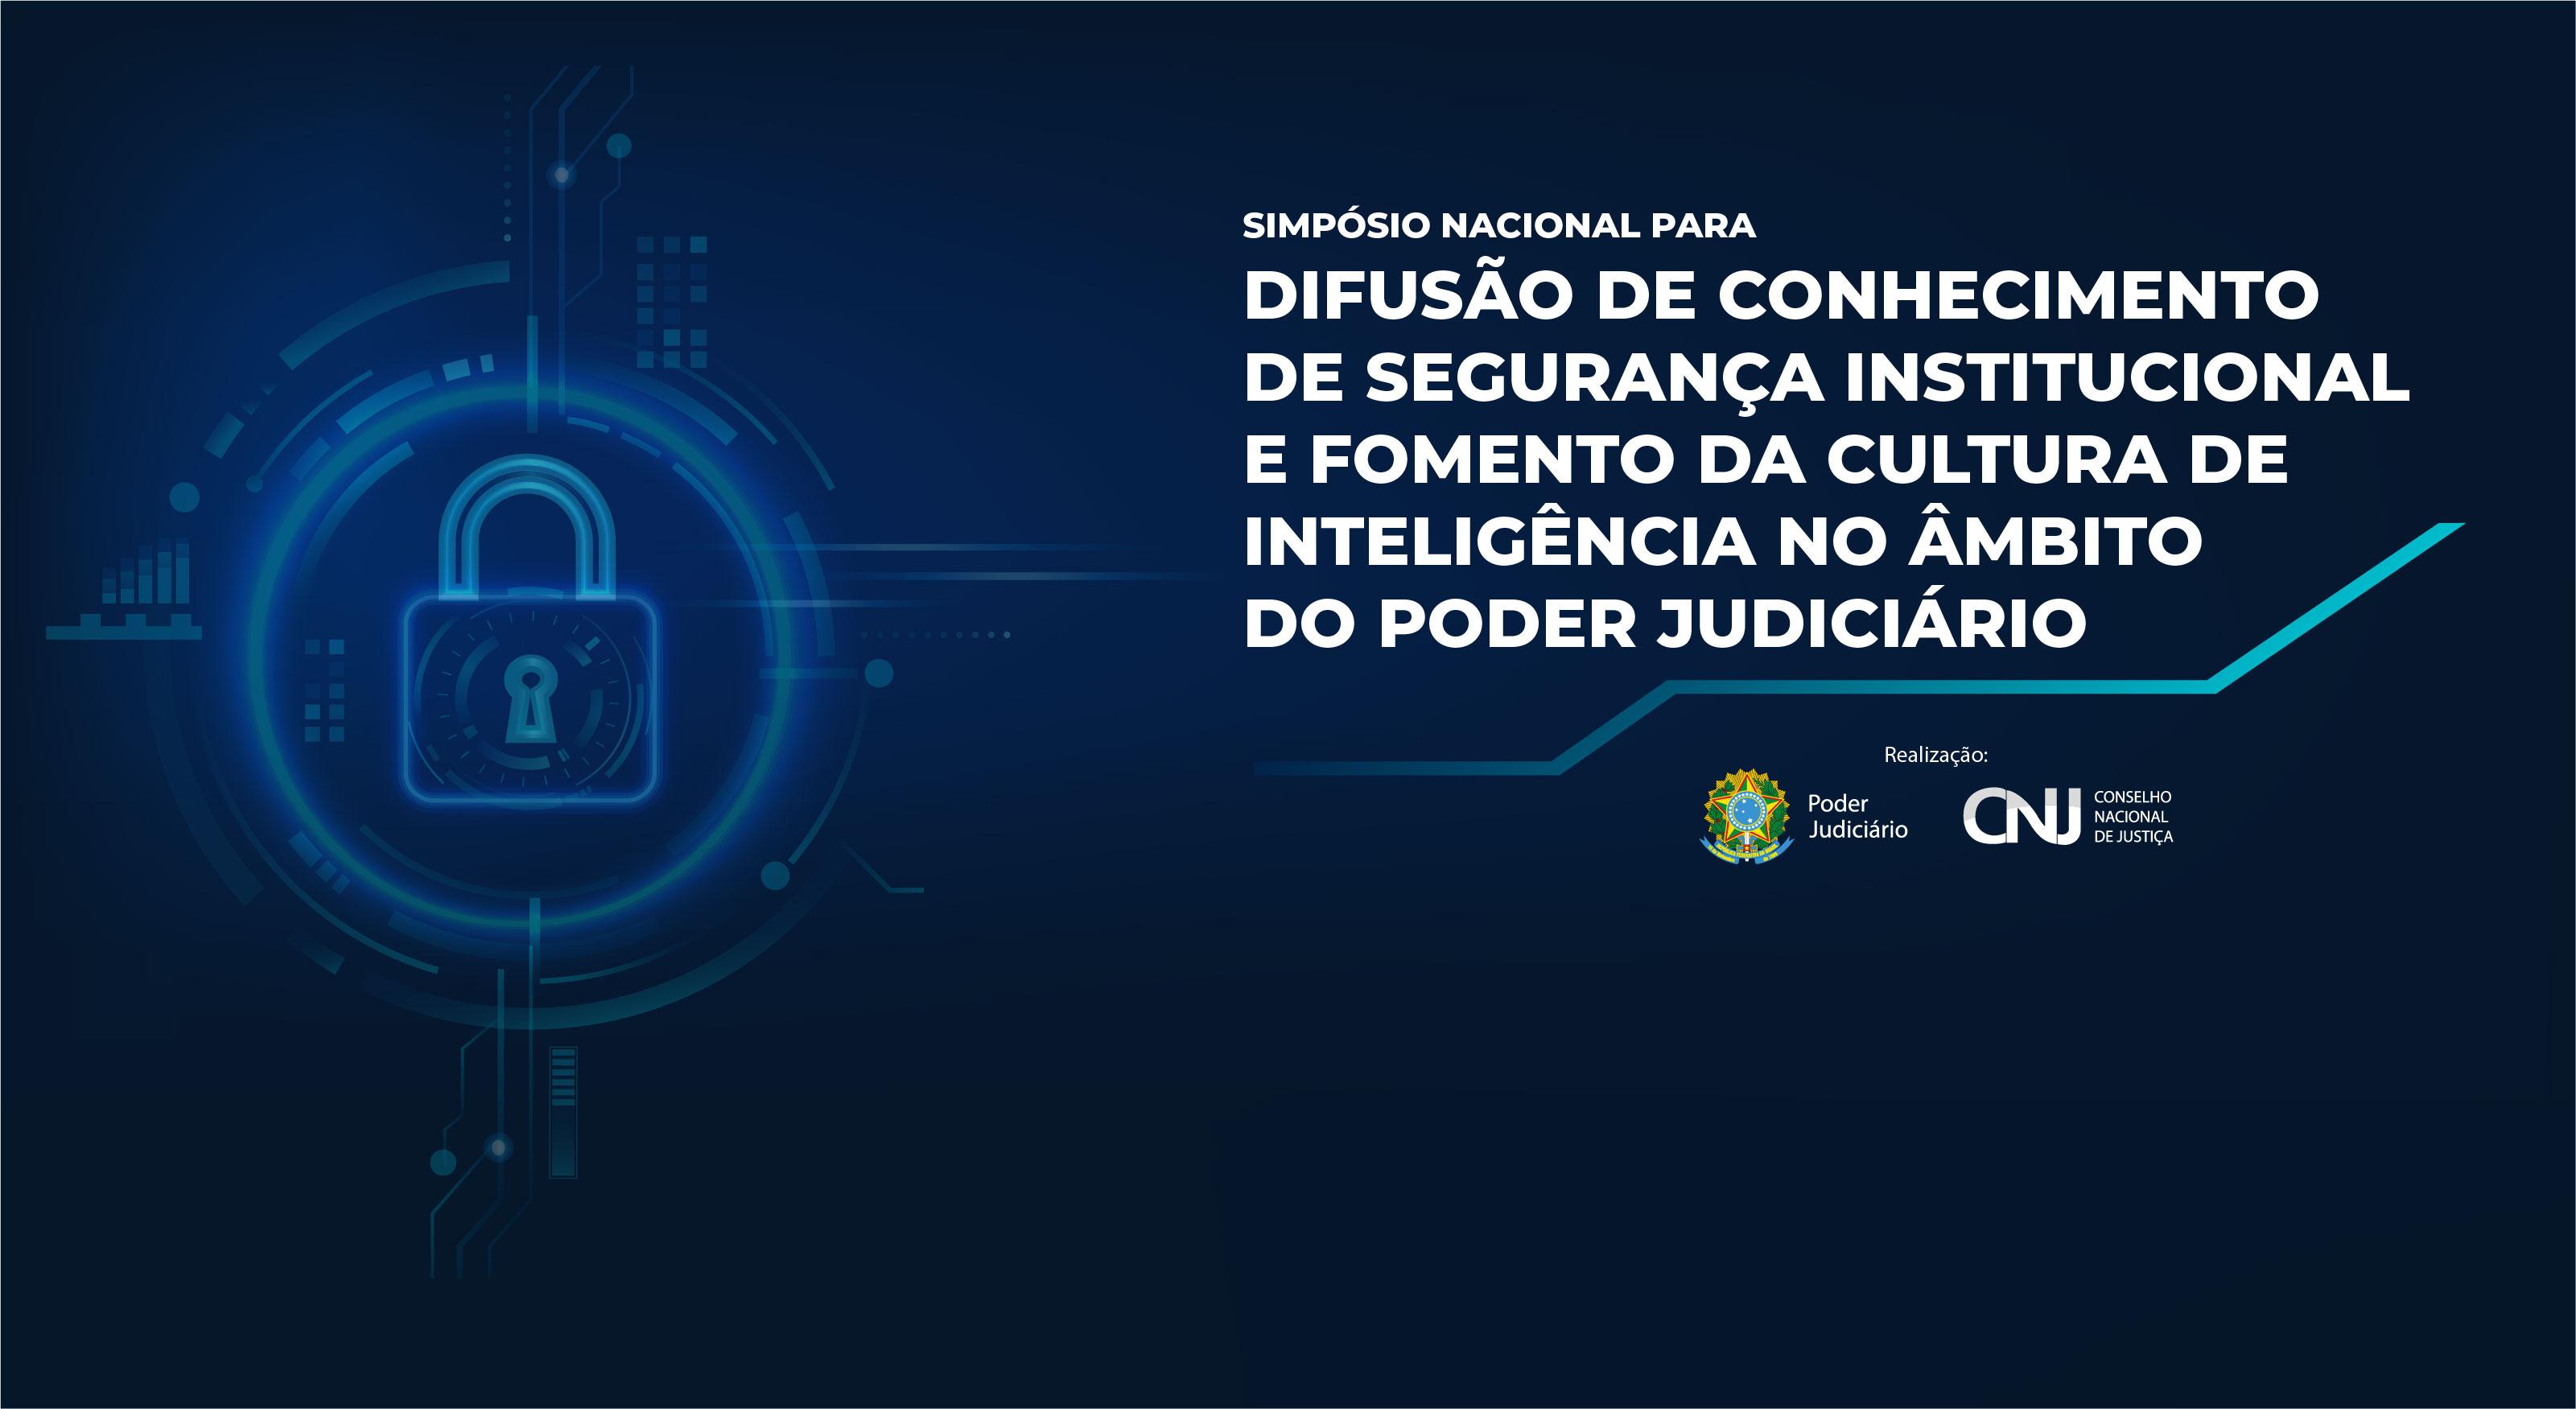 Simpósio sobre segurança e cultura de inteligência no Judiciário recebe inscrições